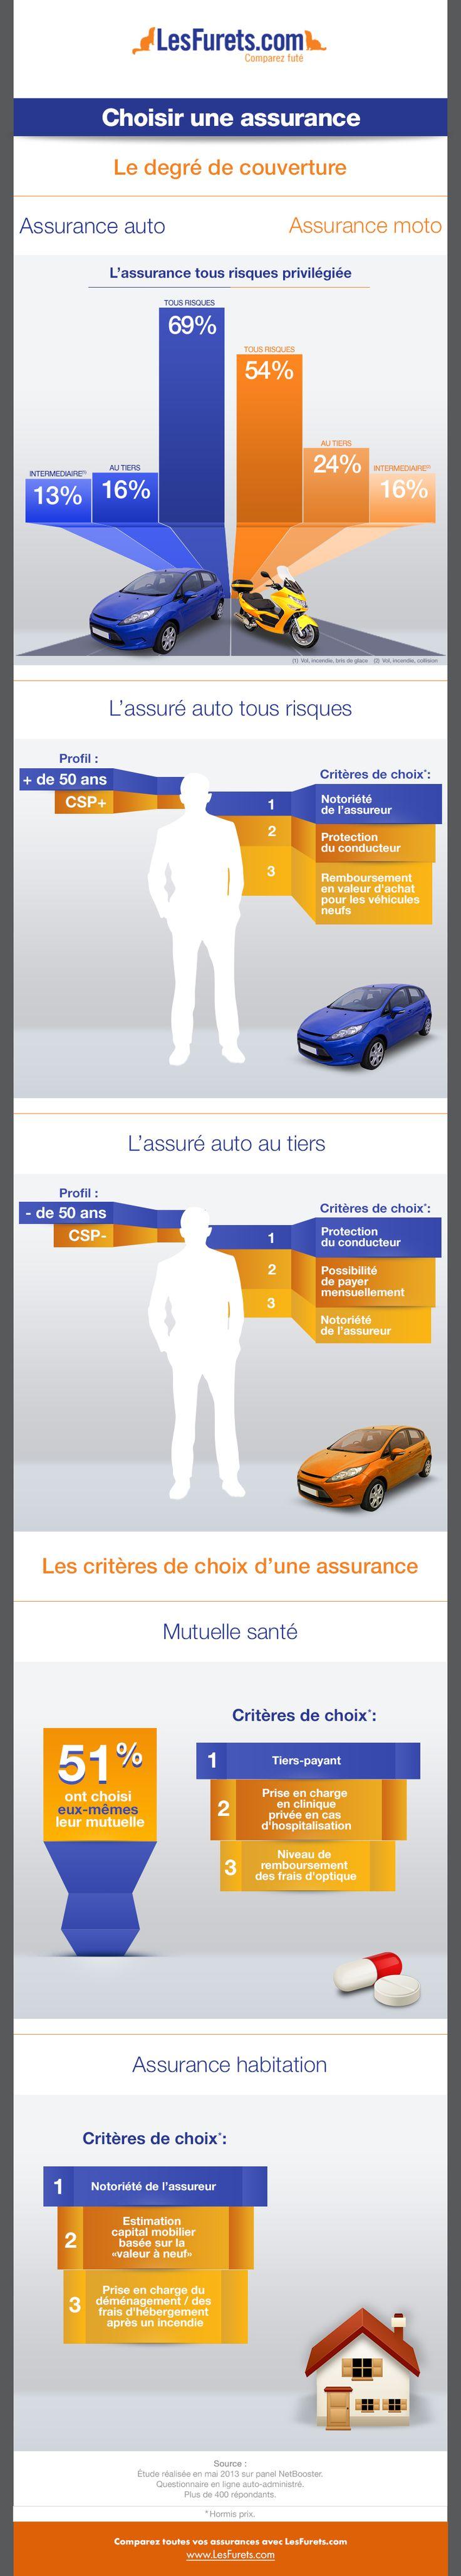 Info_Les Furets_10